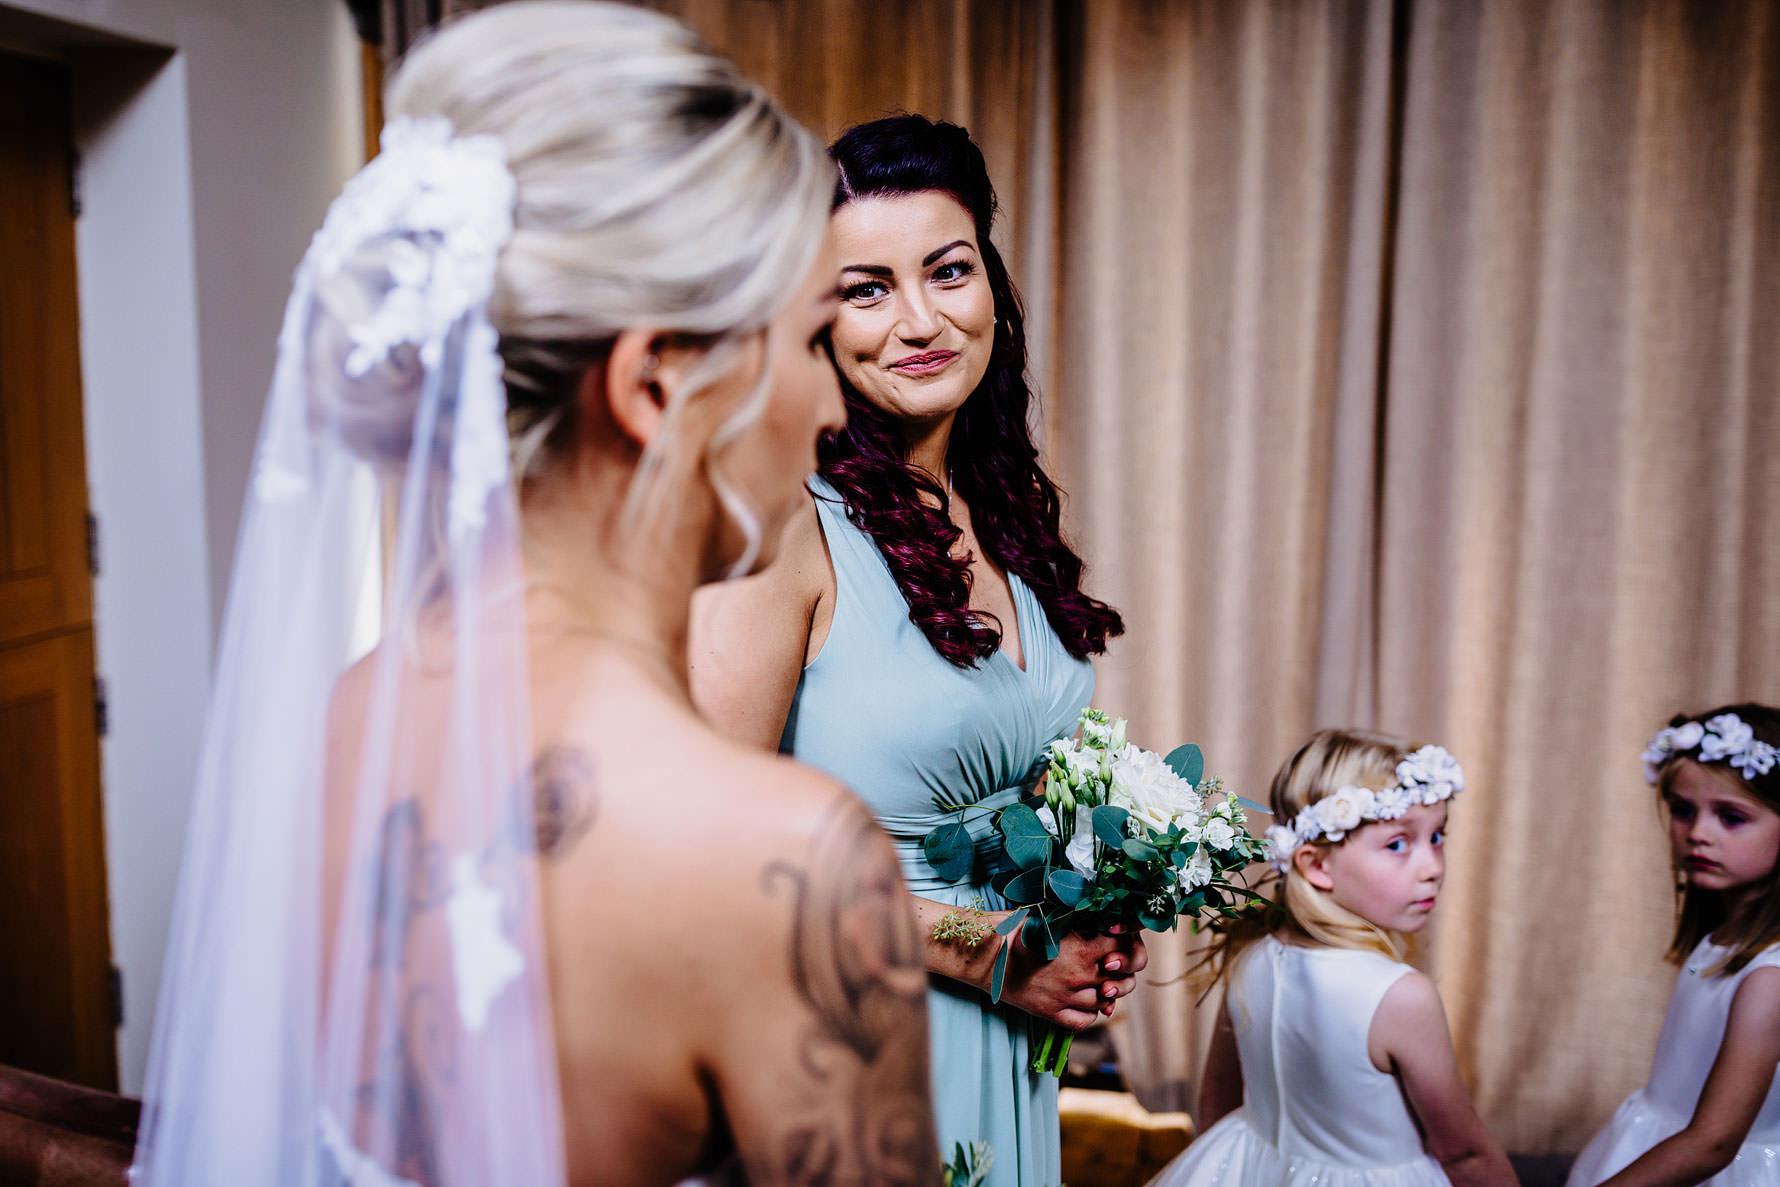 a bridesmaid looking adoringly at a bride